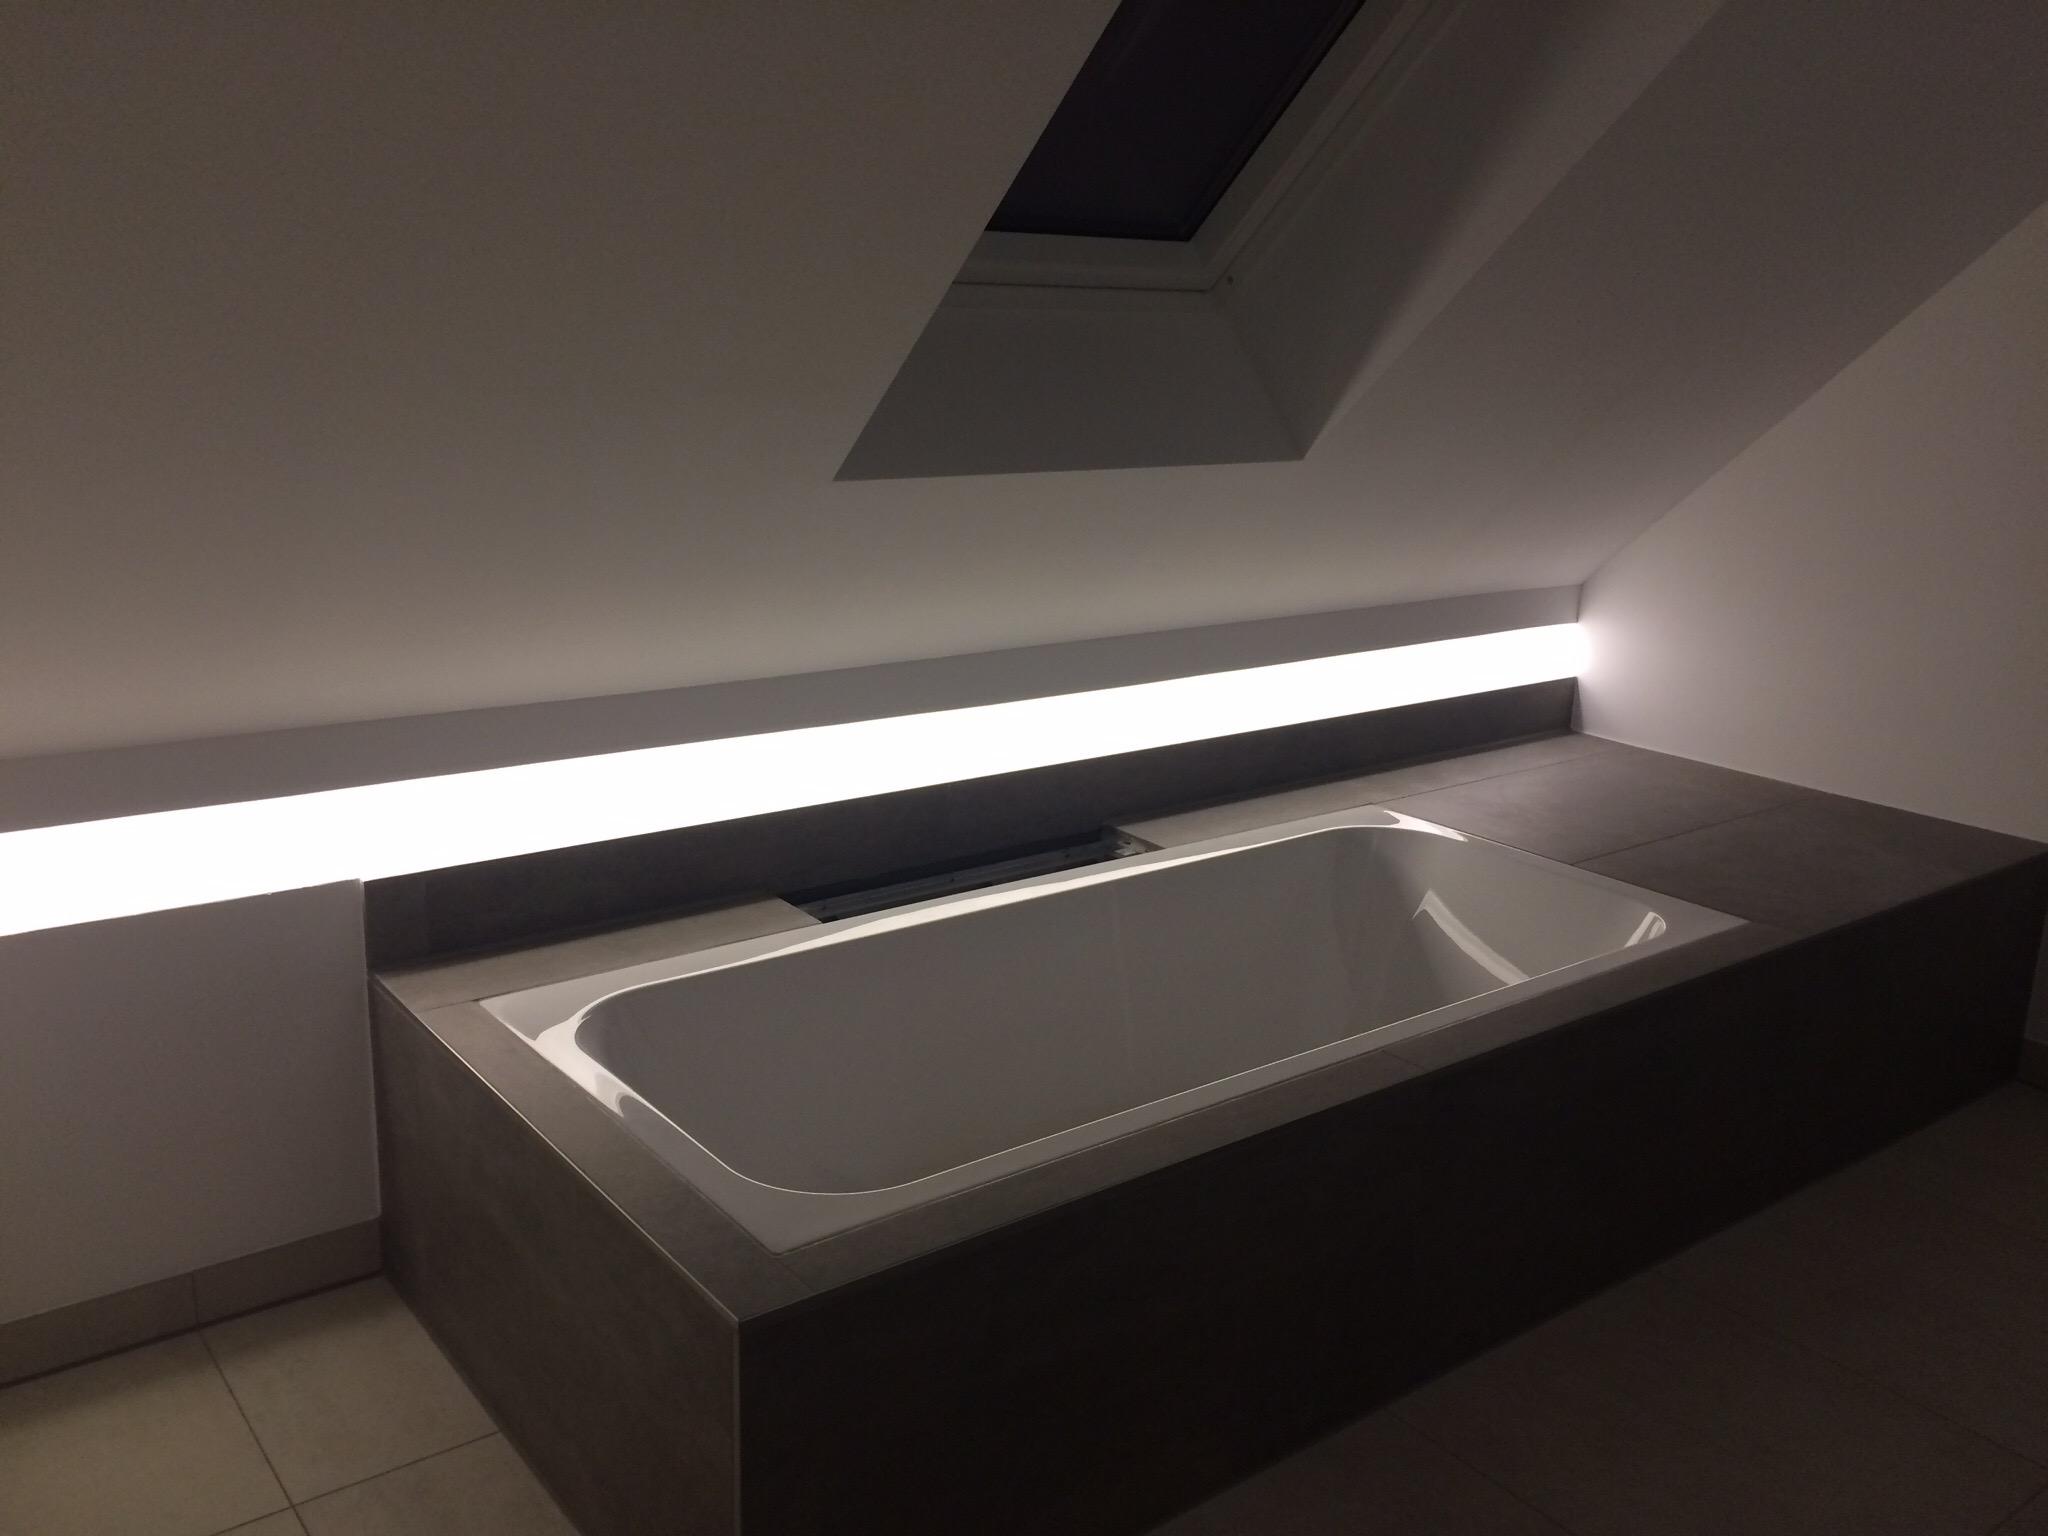 Indirekte Beleuchtung Im Bad Indirekte Beleuchtung Badezimmer